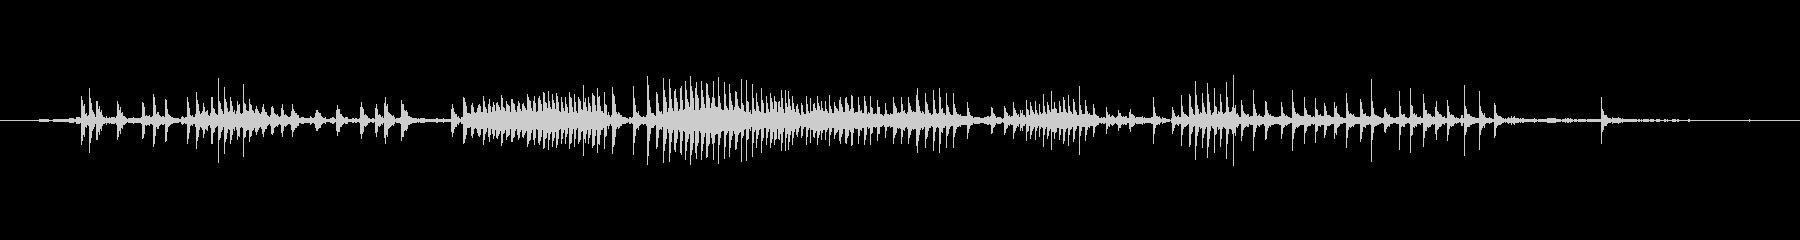 ワイヤーストレッチメカニズム、中程度の未再生の波形